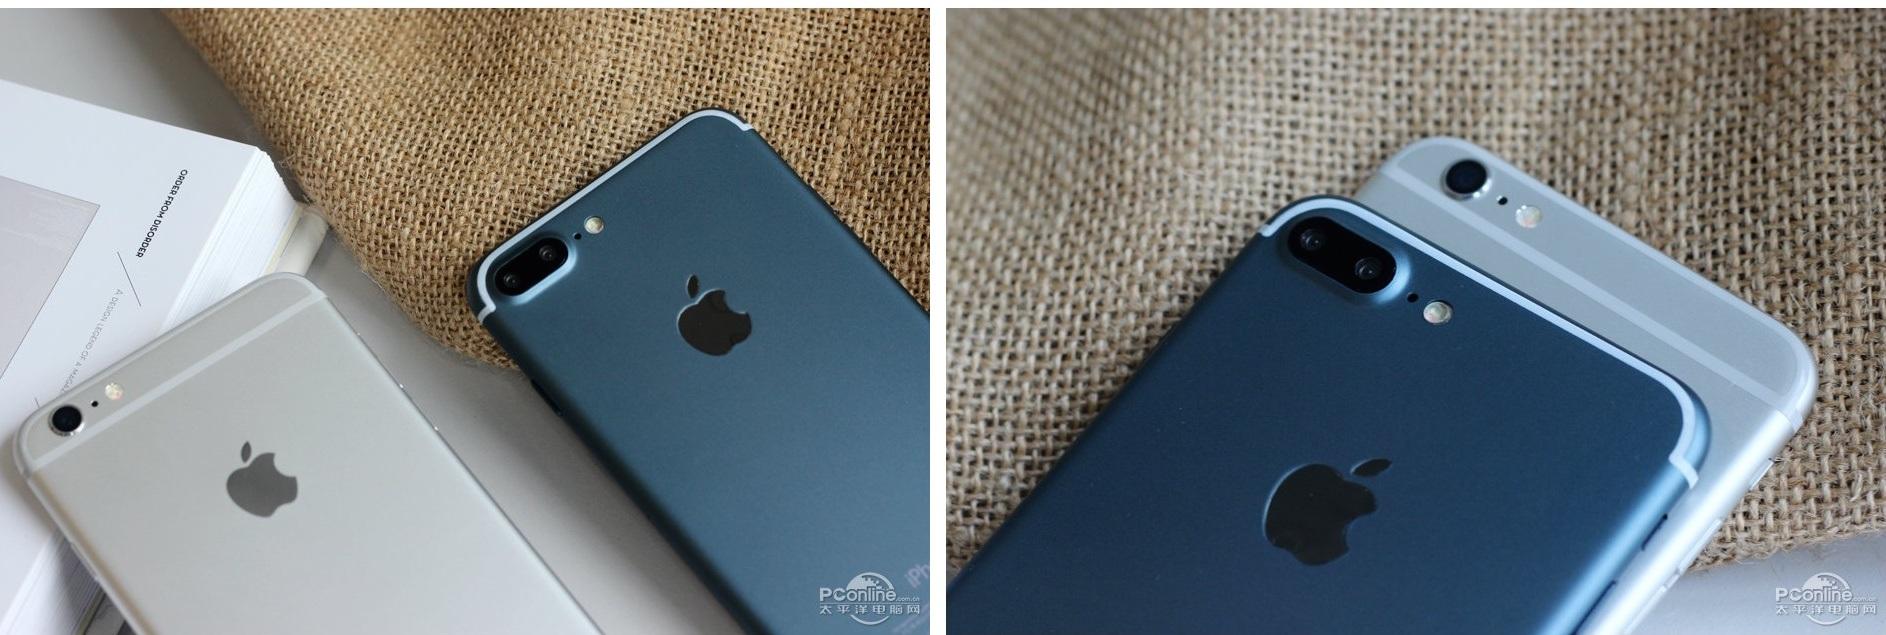 Đặc biệt ở vị trí camera, hình ảnh so sánh với iPhone 6S Plus cho thấy camera của iPhone 7 Pro lồi hơn đôi chút và dài hơn. Tuy nhiên, các góc bo tròn đều tương tự nhau.